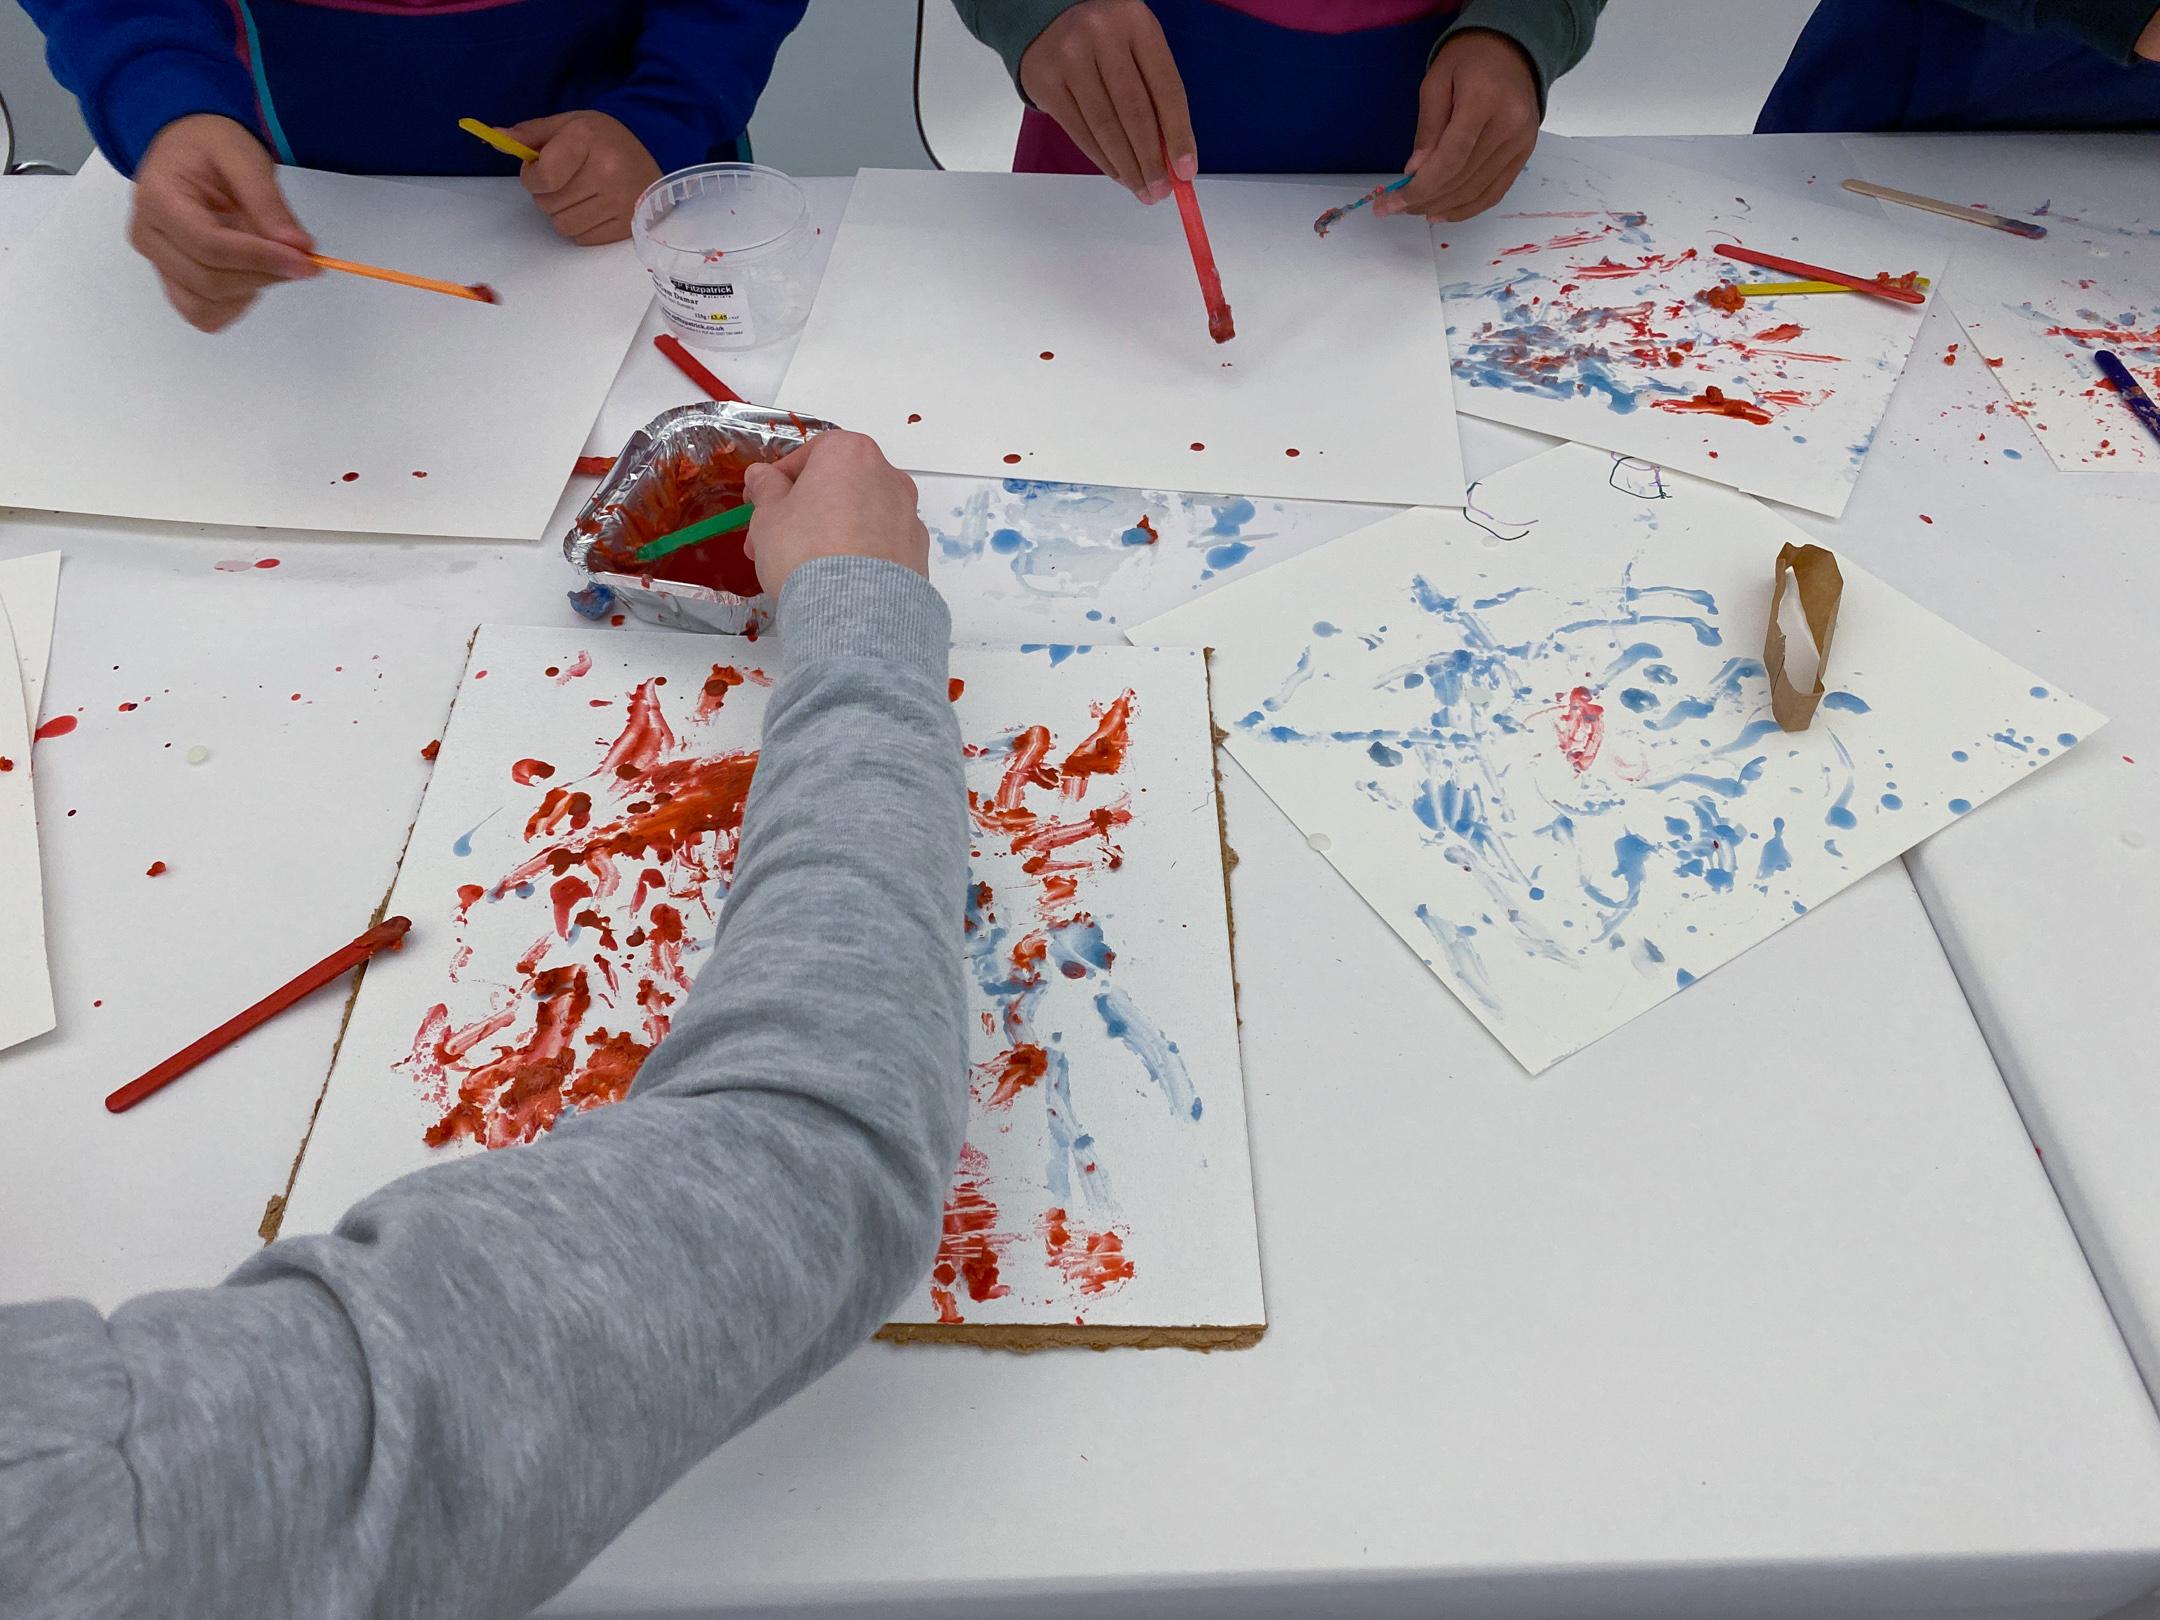 En hånd maler med rødt og blått på papirer som ligger strødd utover et bord